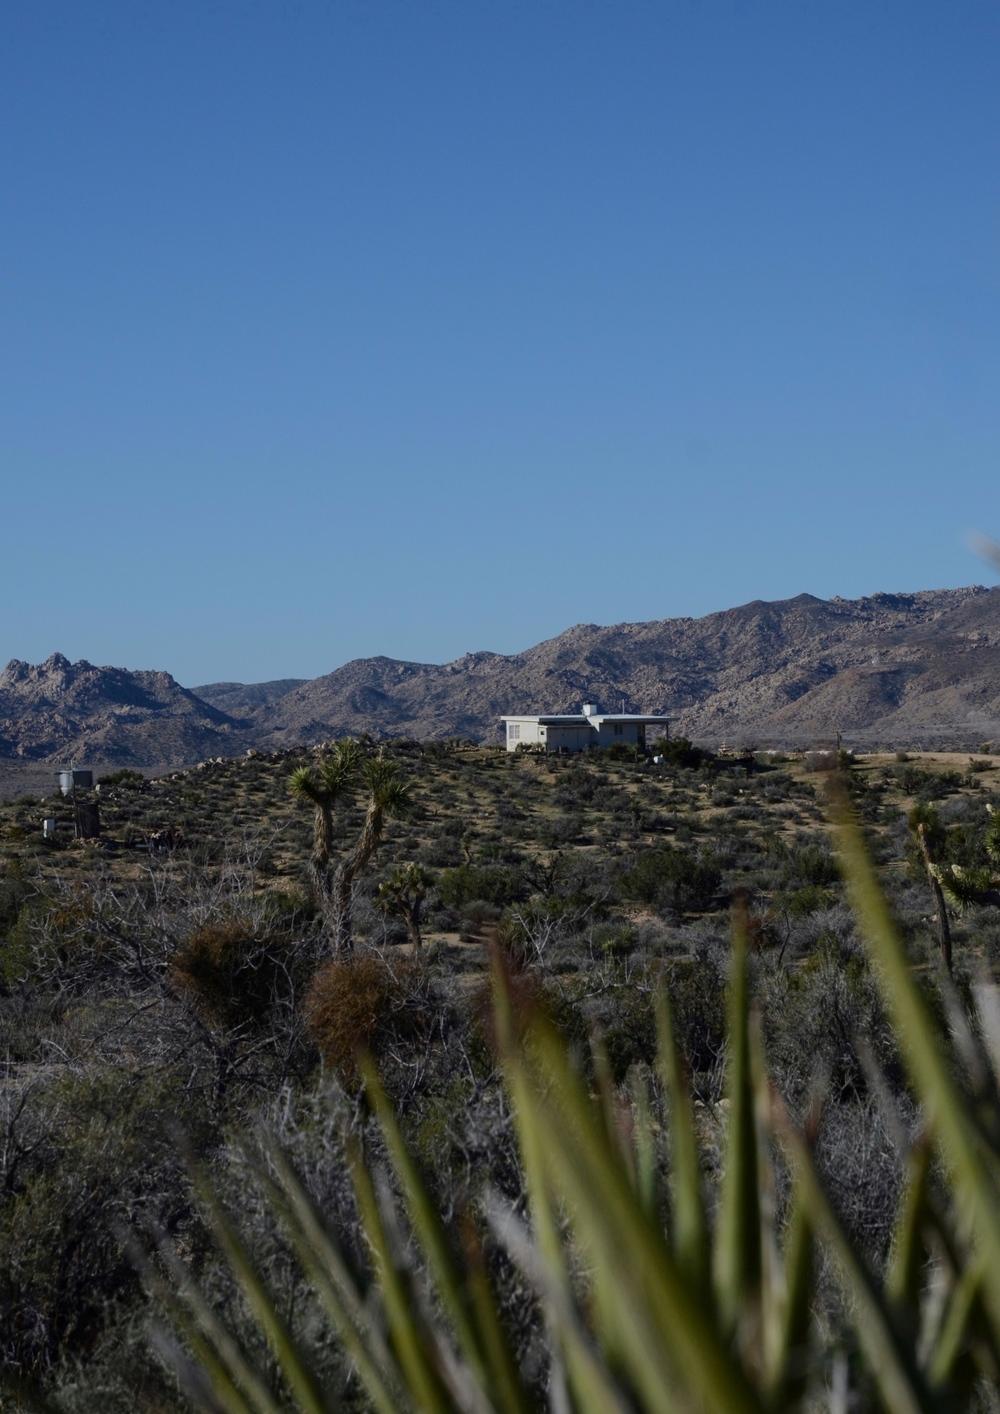 Los-Vientos-Hideaway-Long View Tall.jpg